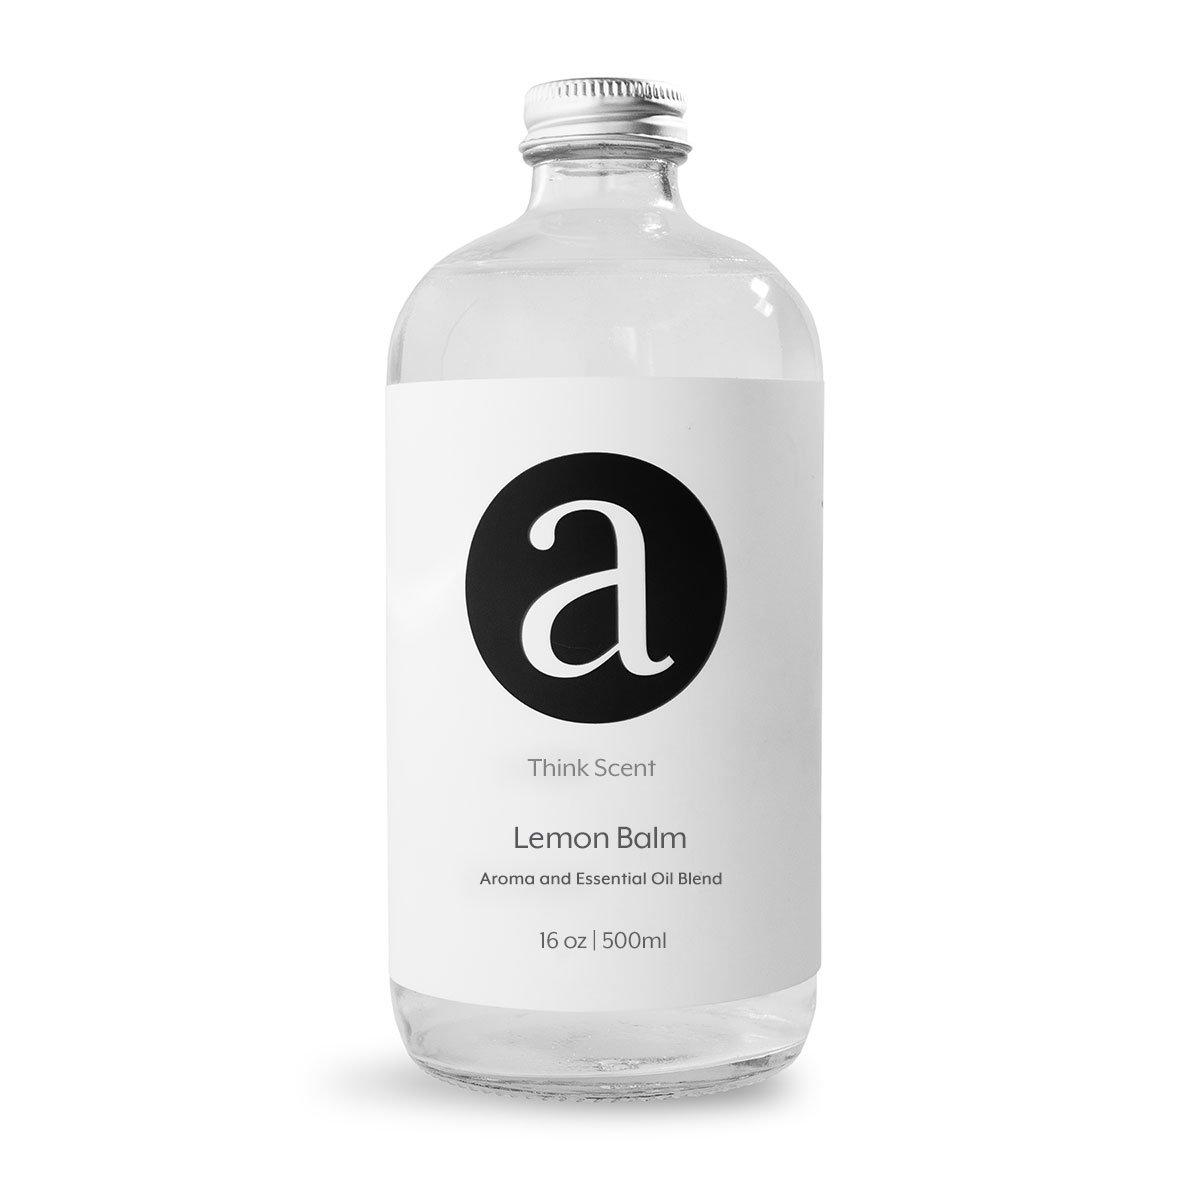 (Lemon Balm) Aroma / Fragrance Oil For AromaTech Air Freshener Scent Diffuser (500ml)